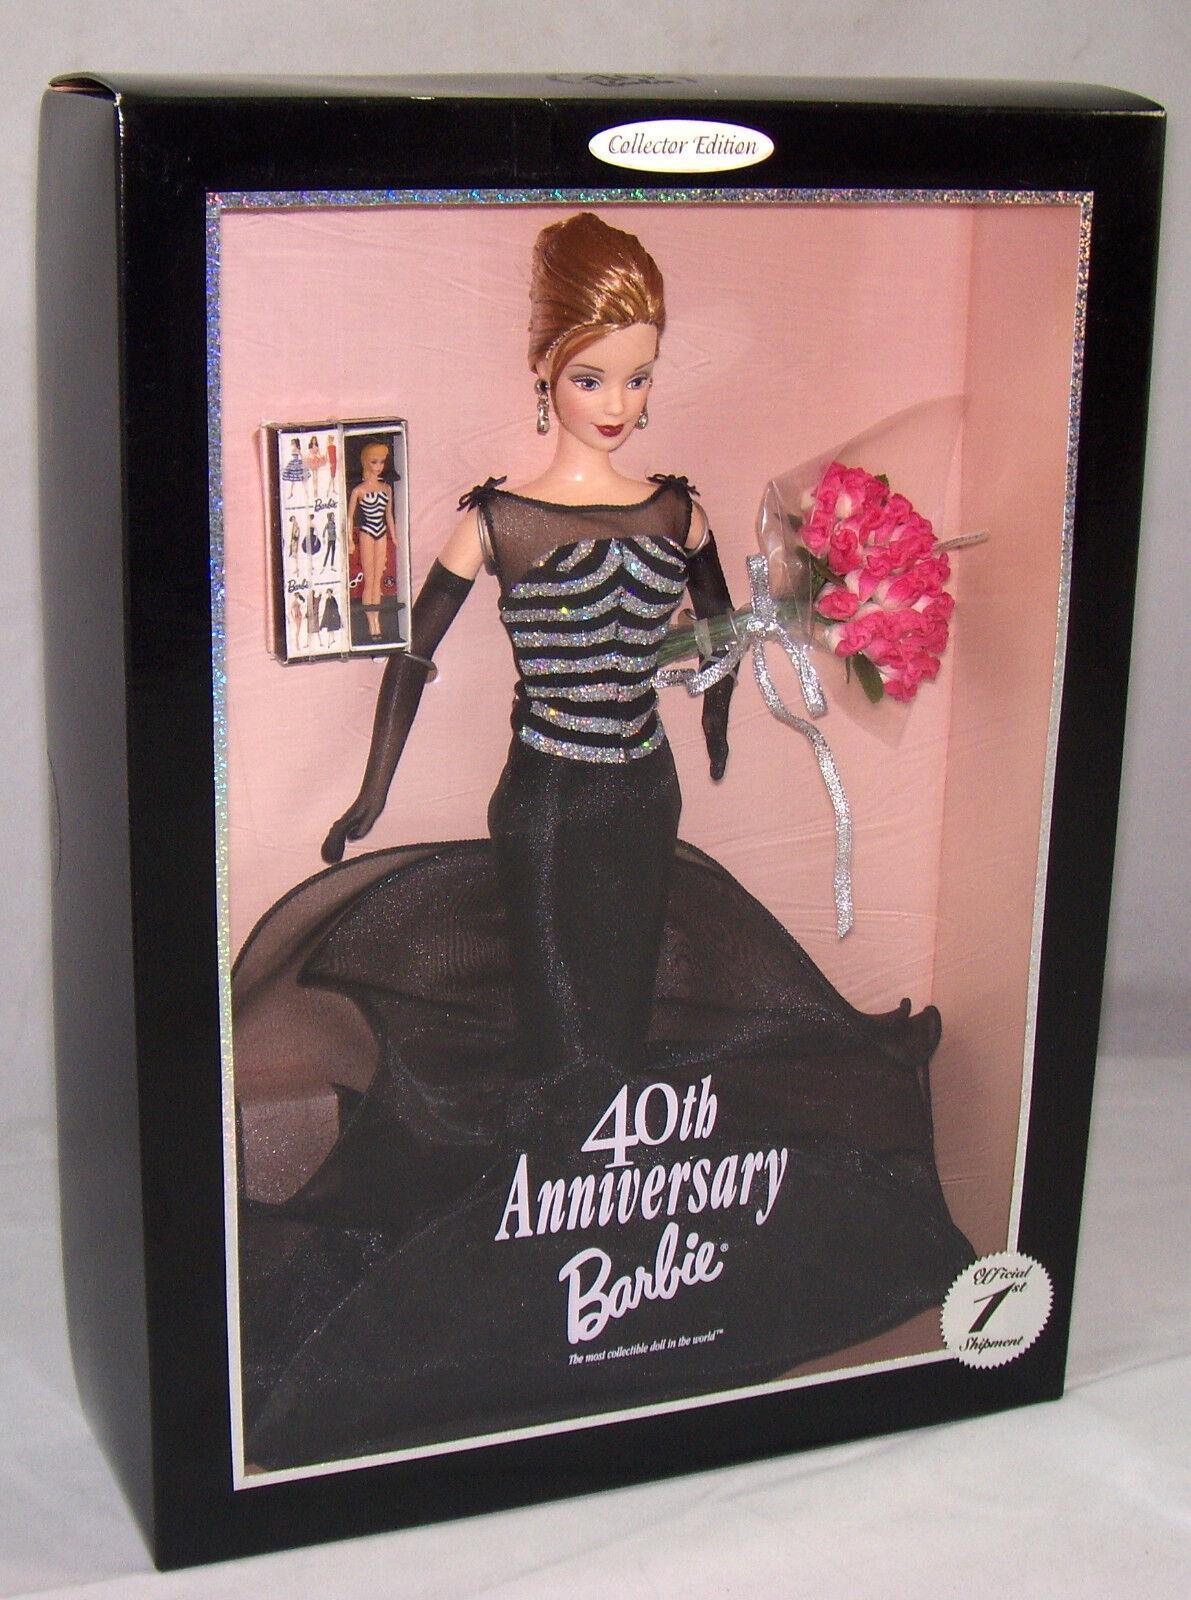 Disegna 40th Anniversary Bambola Barbie 1999 Collezzionista Edizione Limitata